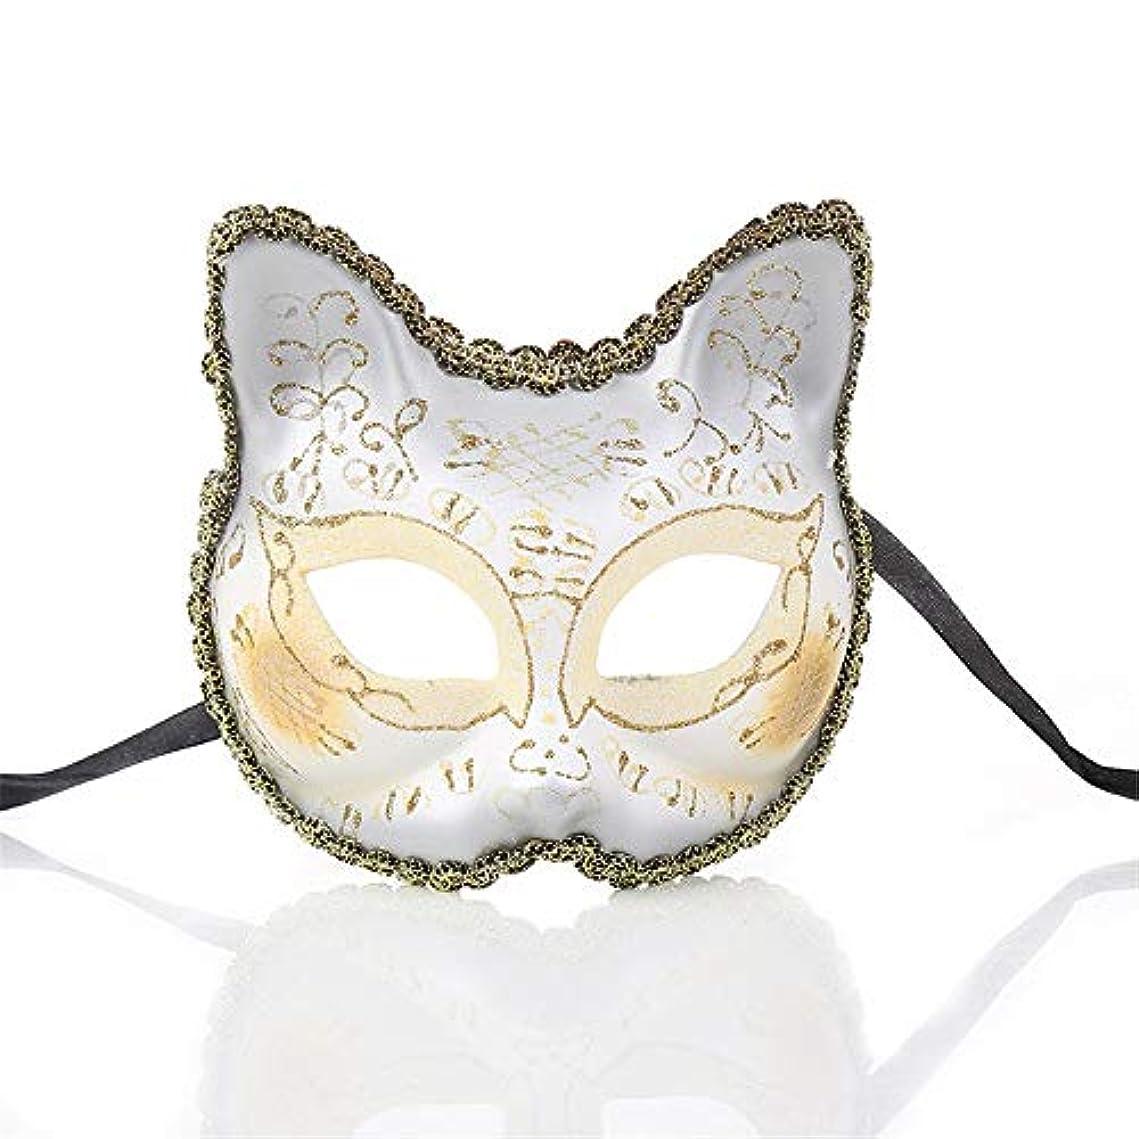 聡明ファイアルリフトダンスマスク ワイルドマスカレードロールプレイングパーティーの小道具ナイトクラブのマスクの雰囲気クリスマスフェスティバルロールプレイングプラスチックマスク ホリデーパーティー用品 (色 : 白, サイズ : 13x13cm)